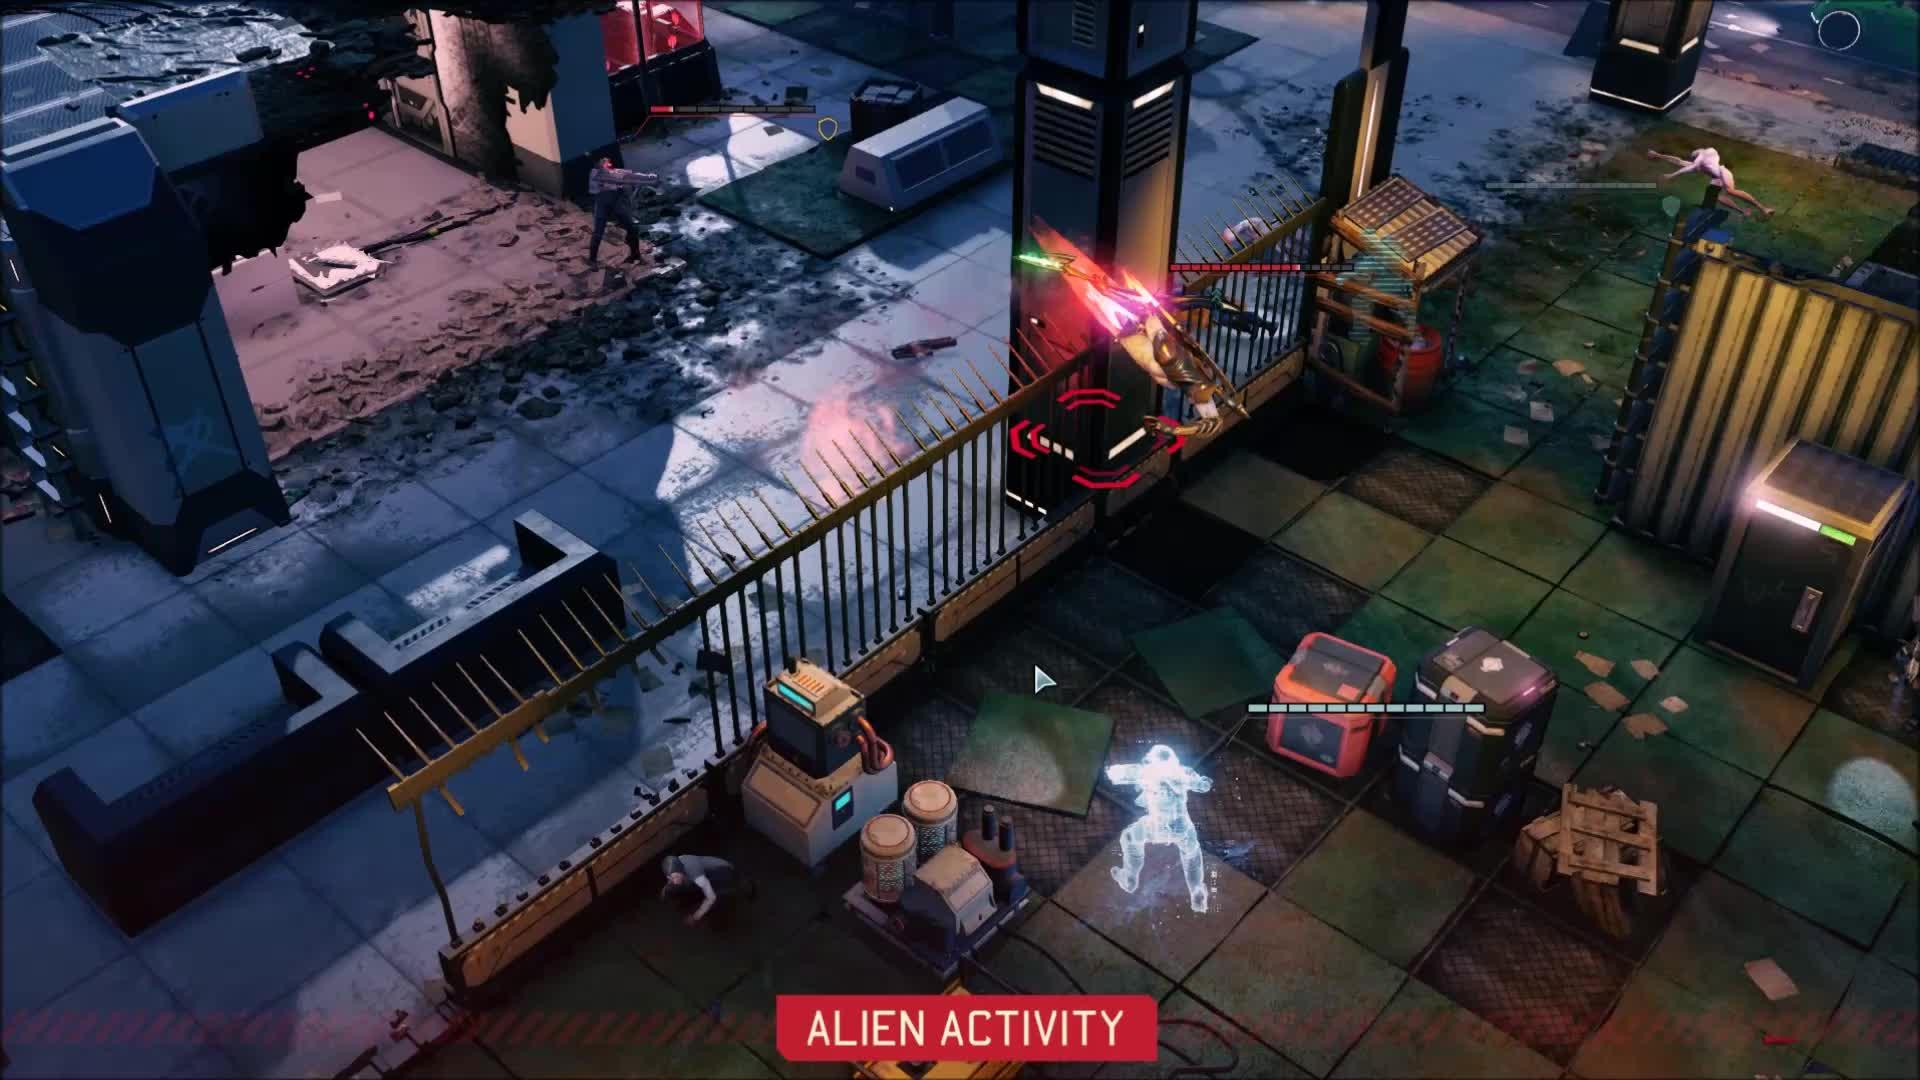 XCOM Mimic beacon OP GIFs